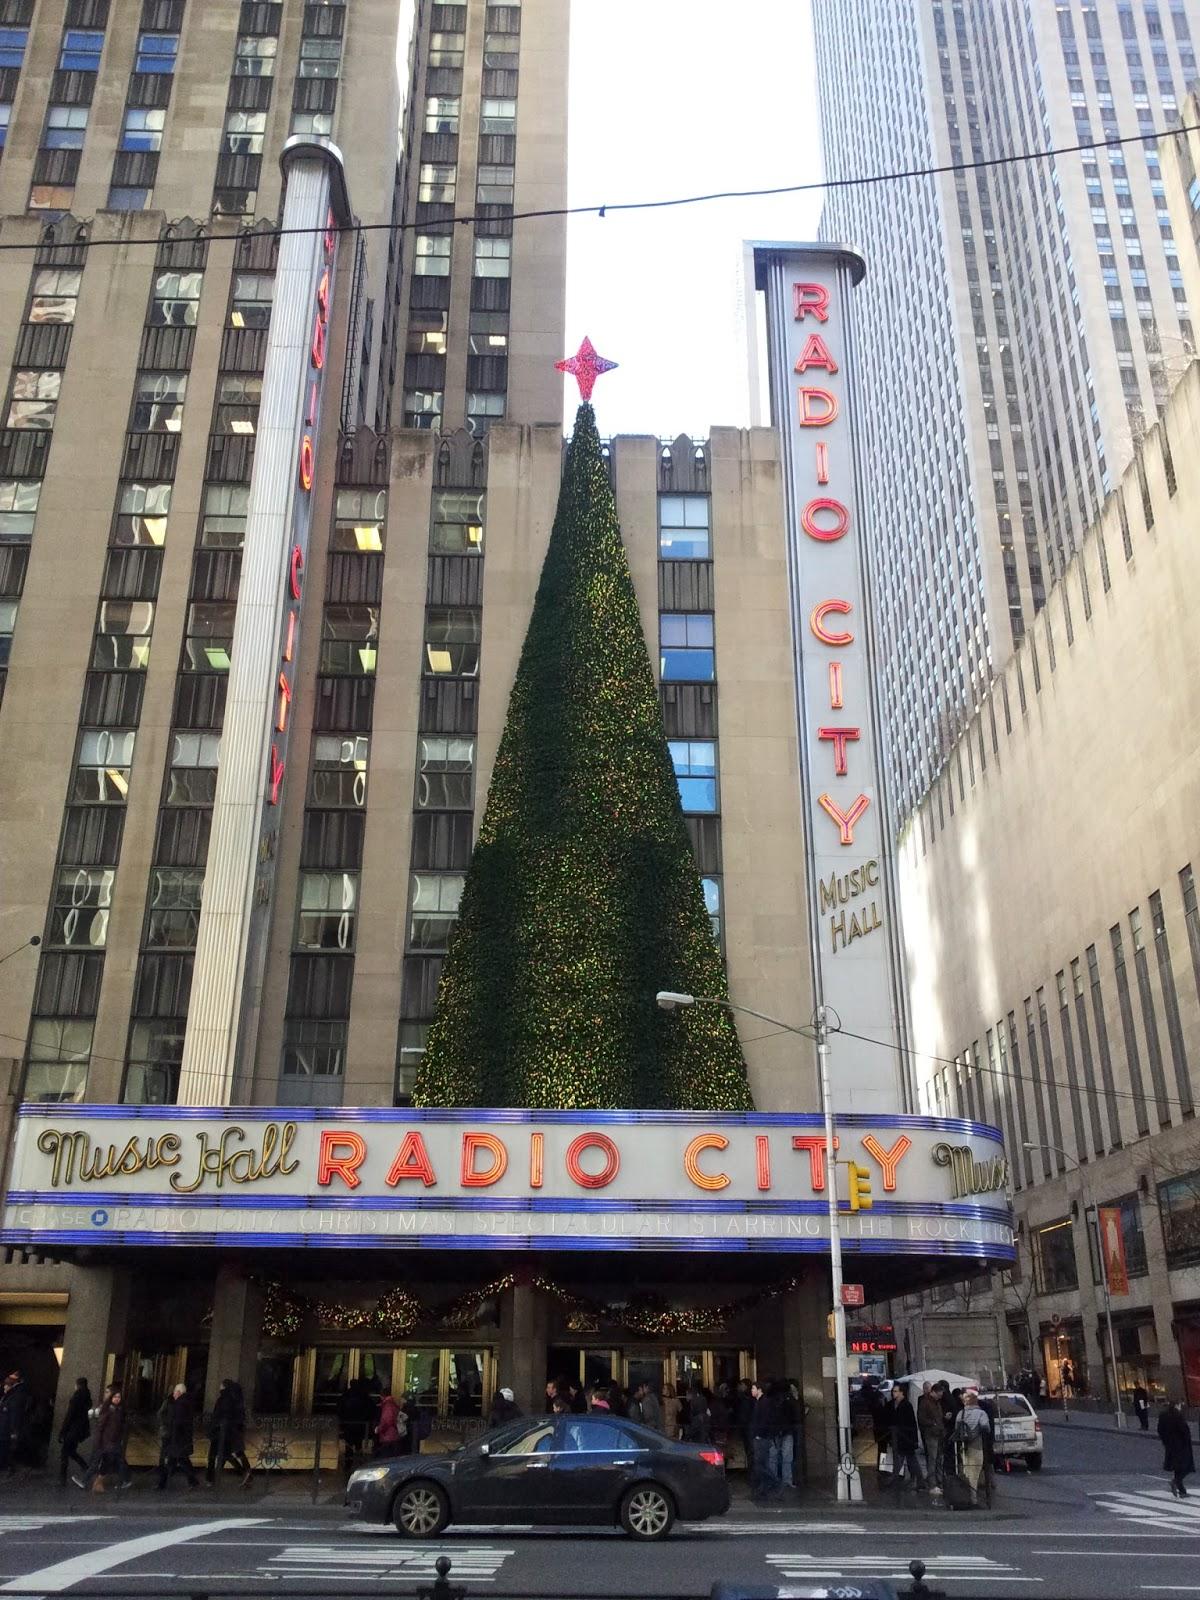 #7C5E4F L' Esprit De Noël à New York #1: Les Vitrines Et Les  6655 Debut Des Decorations De Noel A New York 1200x1600 px @ aertt.com